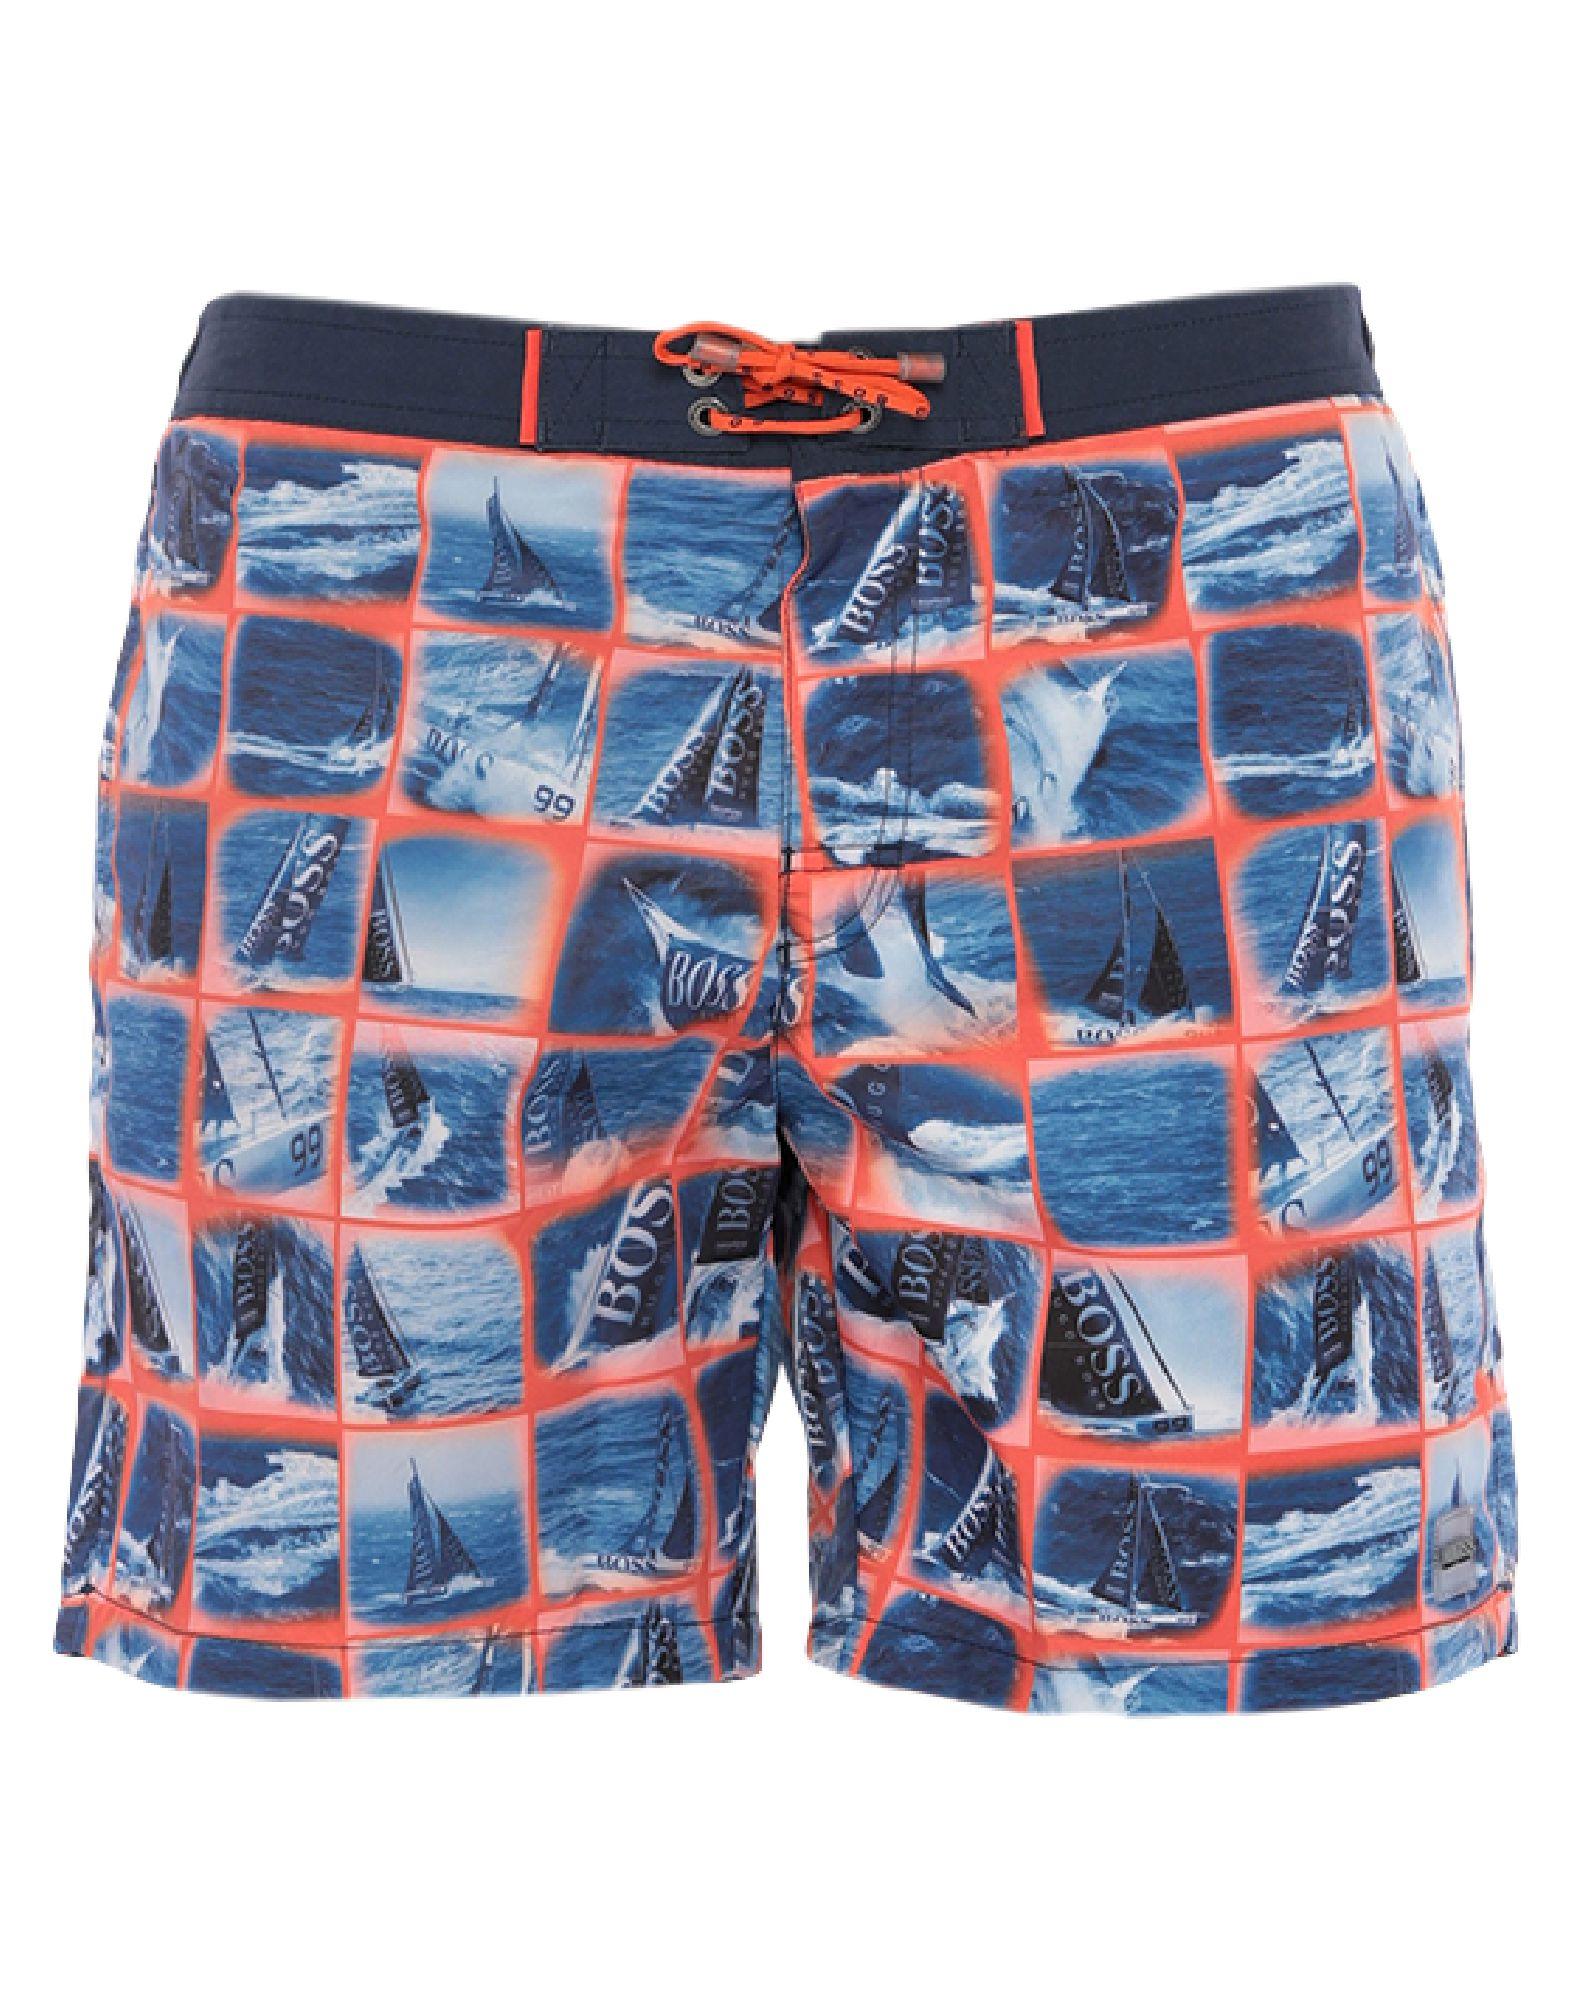 BOSS HUGO BOSS Шорты для плавания swim ology шорты для плавания